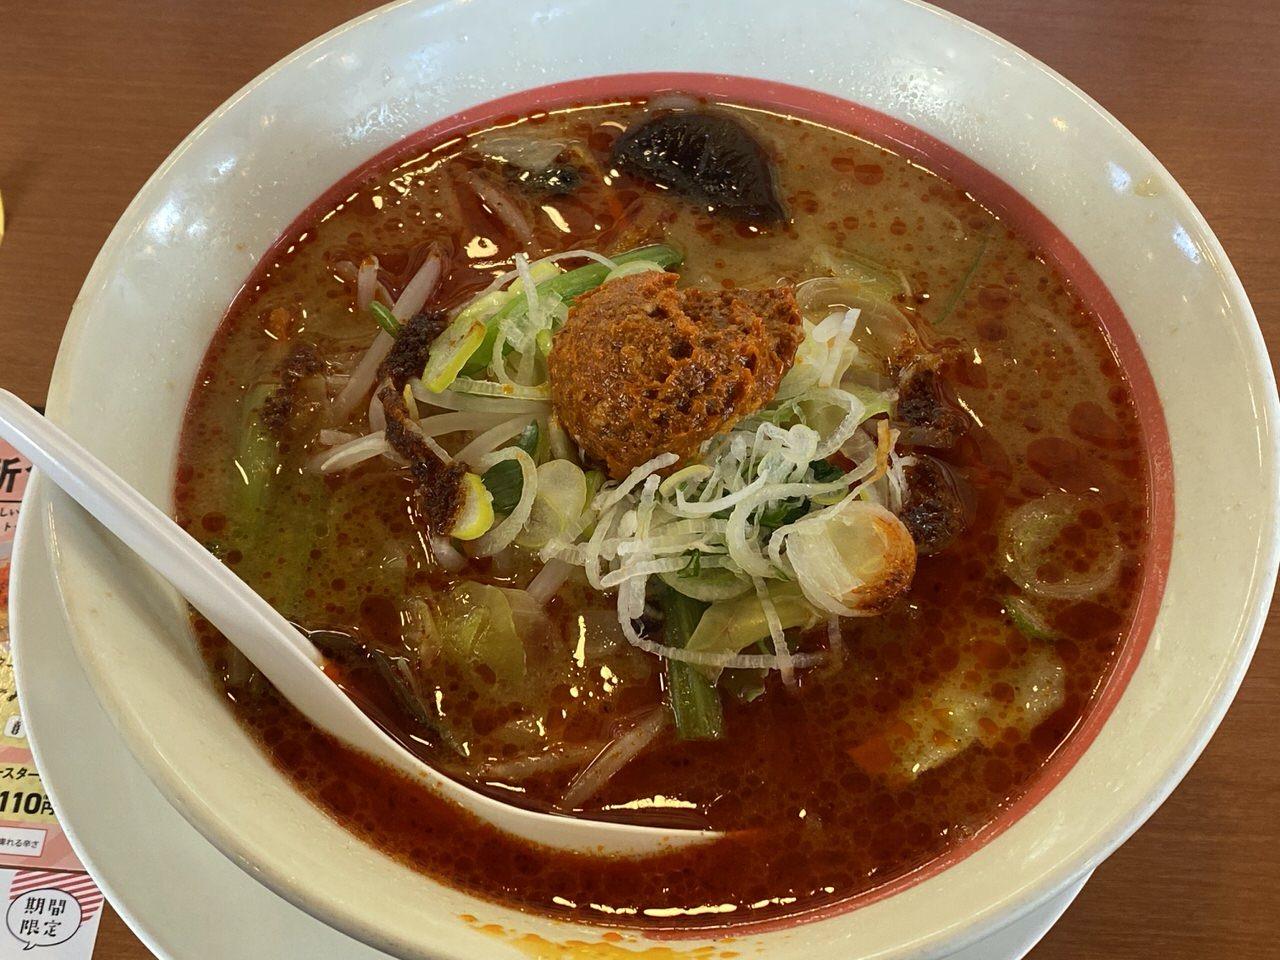 【幸楽苑】「野菜担々麺」3